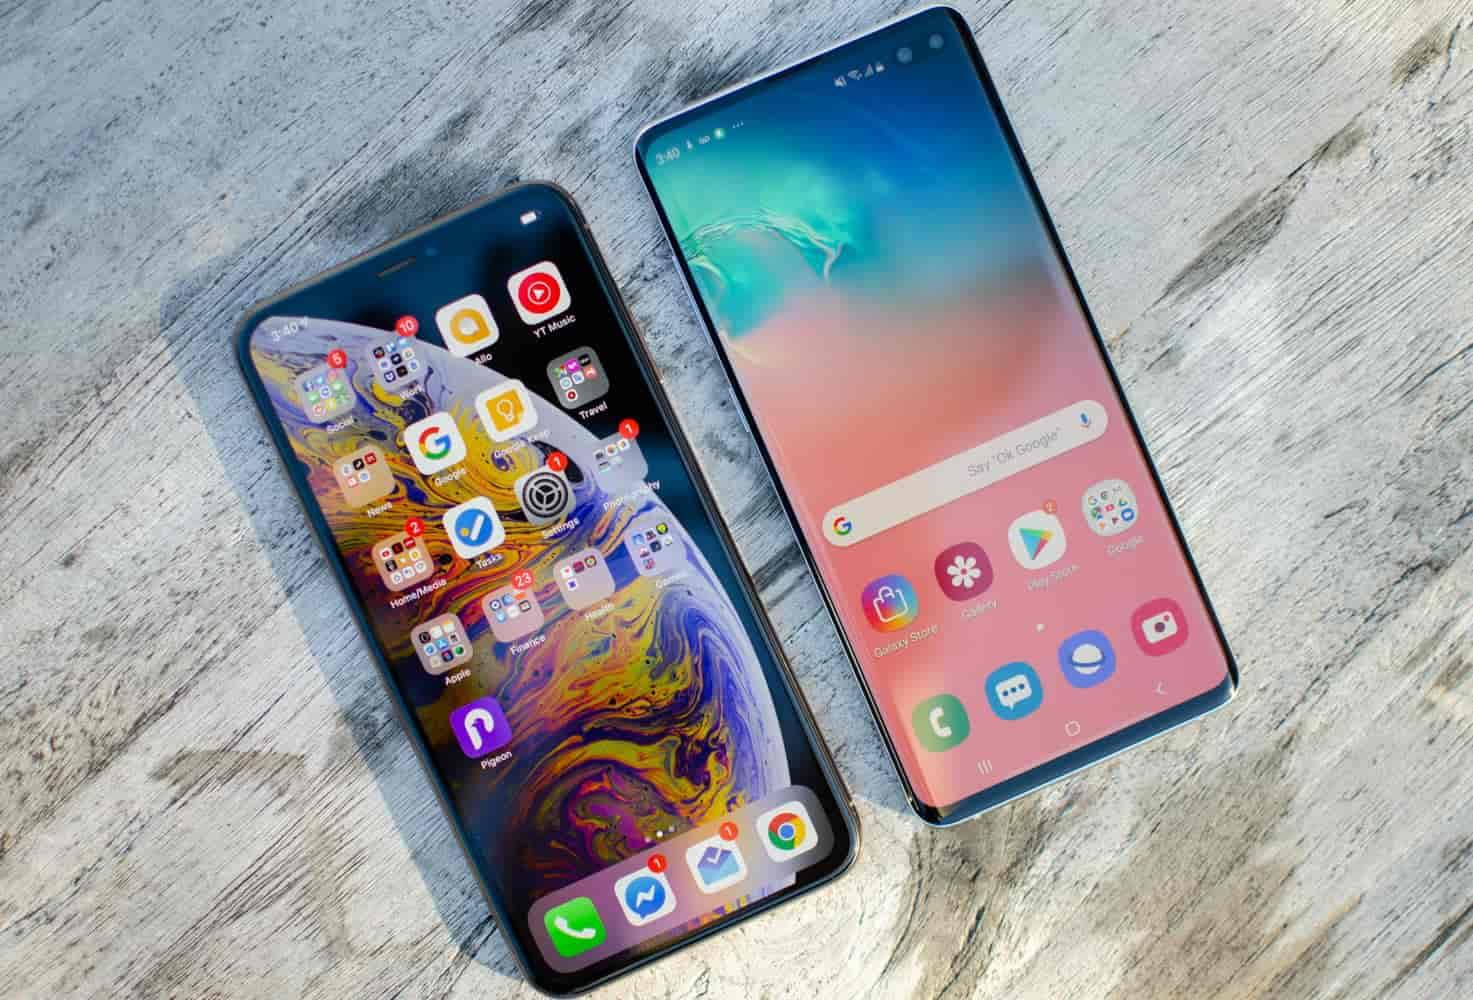 3 lý do sẽ khiến bạn mua ngay Galaxy S10+ nếu đang định mua iPhone XS Max - 1